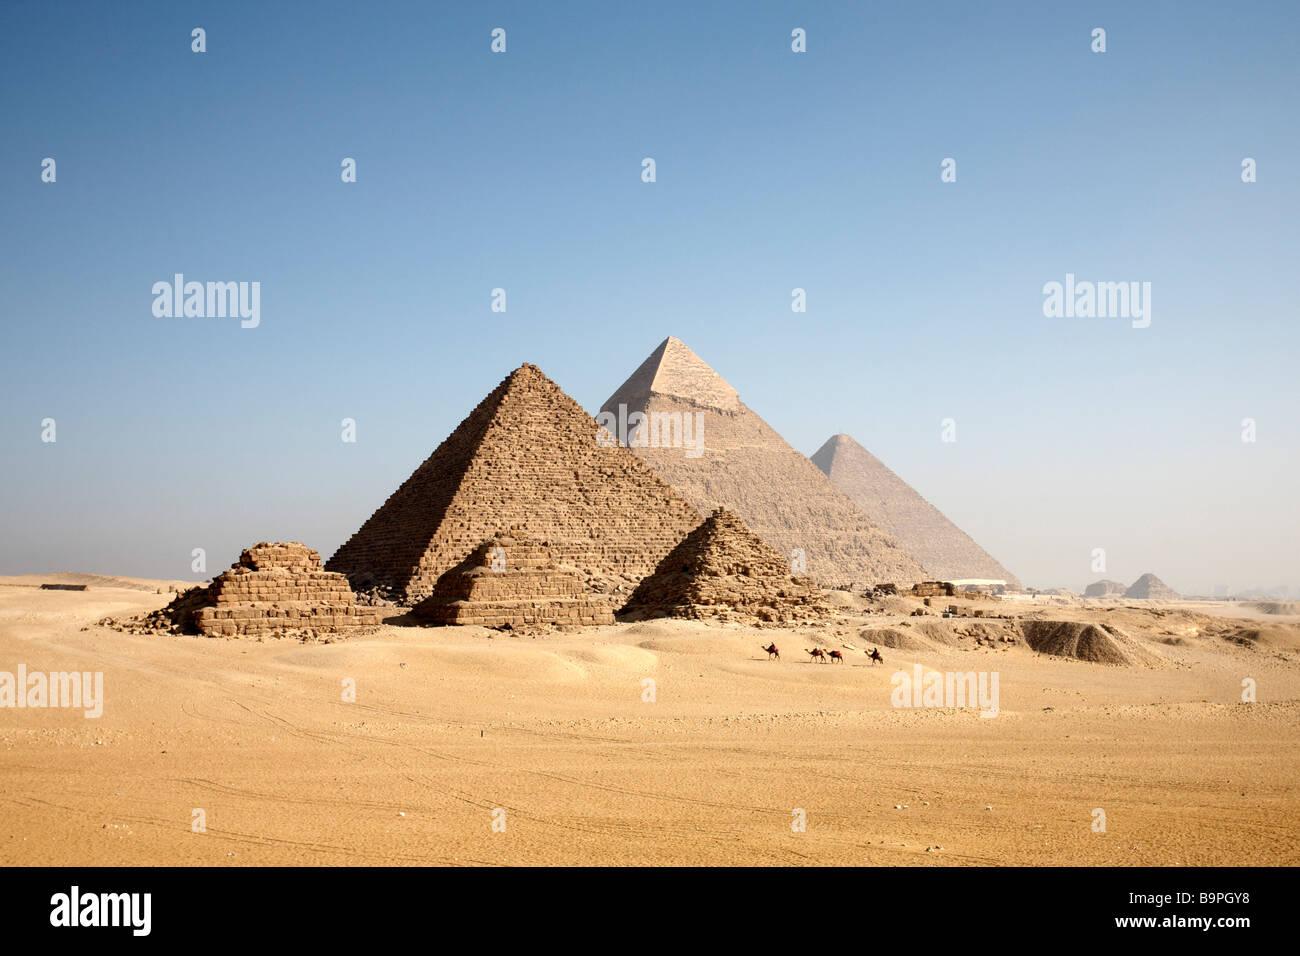 Approche Les chameaux des pyramides de Gizeh. Photo Stock